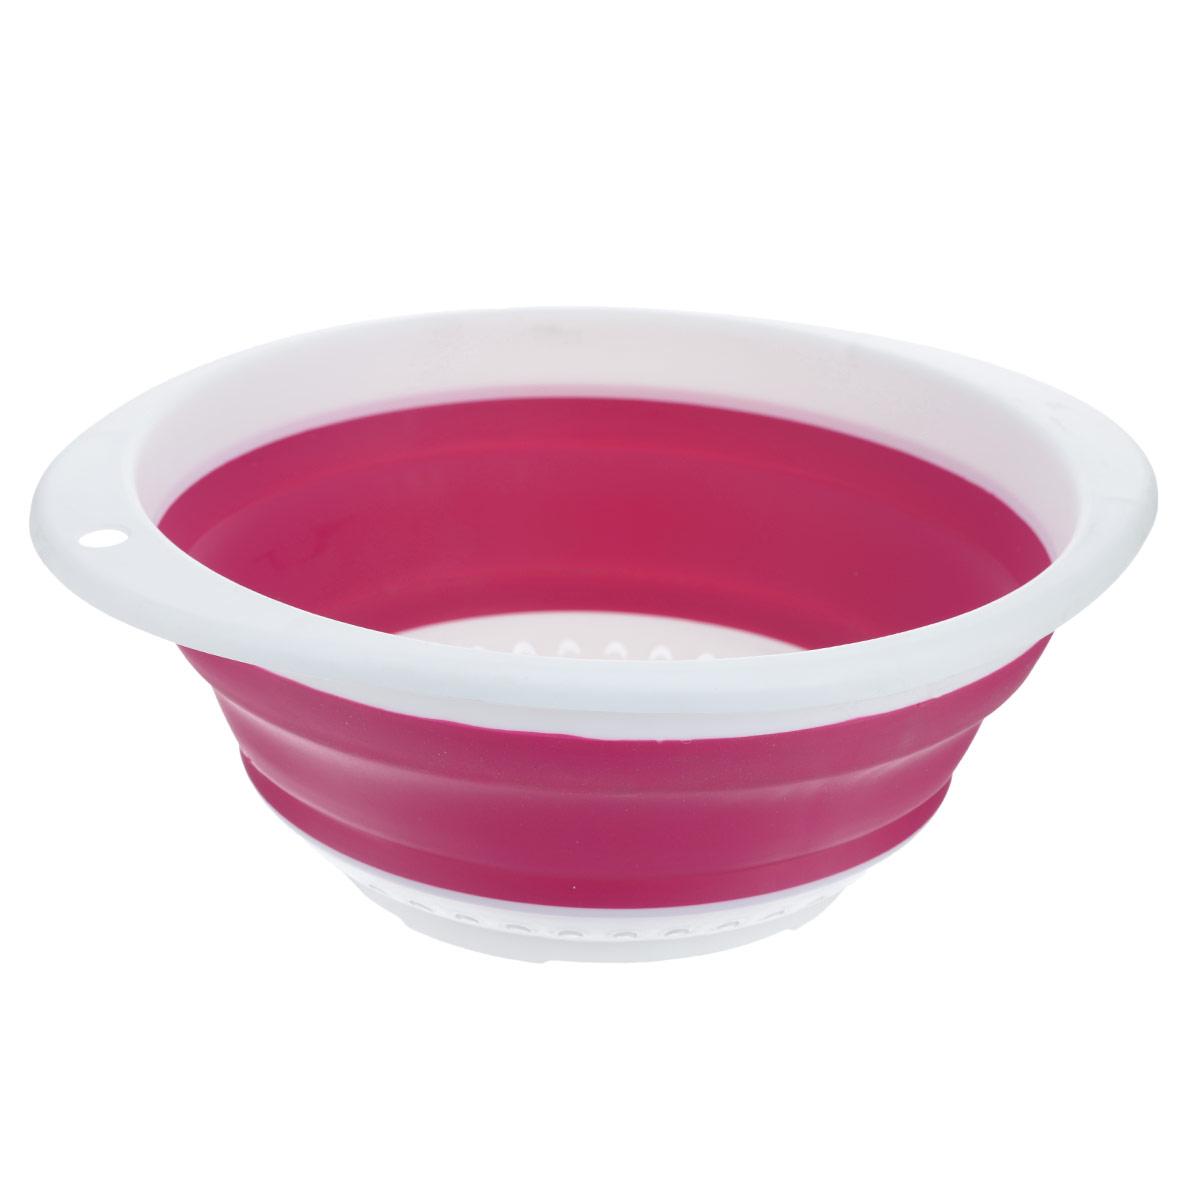 Дуршлаг складной Oriental Way, цвет: белый, розовый, 30 см х 27 см8865_белый, розовыйСкладной дуршлаг Oriental Way станет полезным приобретением для вашейкухни. Он изготовлен из высококачественного пищевого силикона и пластика.Дуршлаг оснащен двумя удобными ручками. Одна ручка снабжена специальнымотверстием для подвешивания. Изделие прекрасно подходит для процеживания,ополаскивания и стекания макарон, овощей, фруктов. Дуршлаг компактноскладывается, что делает его удобным для хранения. Можно мыть в посудомоечной машине. Размер (по верхнему краю): 30 см х 27 см. Внутренний диаметр: 24 см. Максимальная высота: 10,5 см. Минимальная высота: 3,5 см.